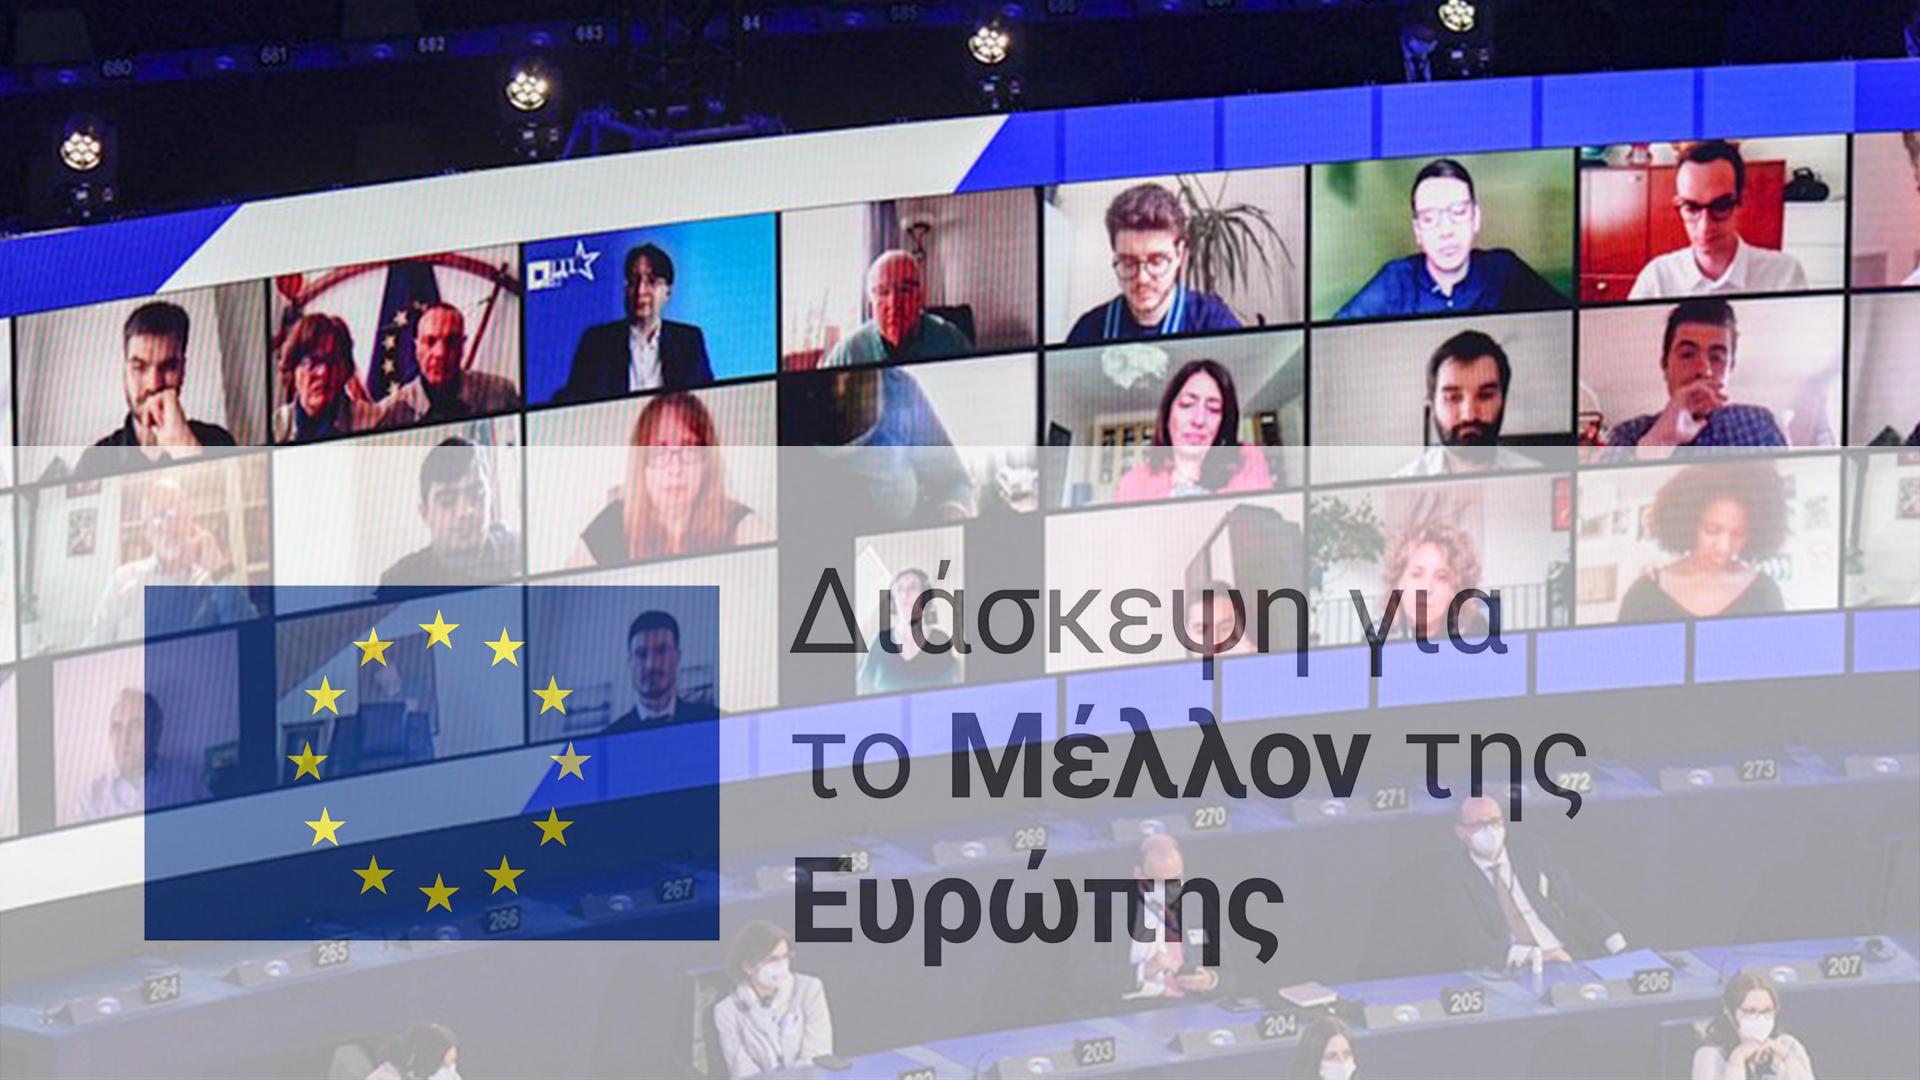 Διάσκεψη για το Μέλλον της Ευρώπης | 19/06/2021